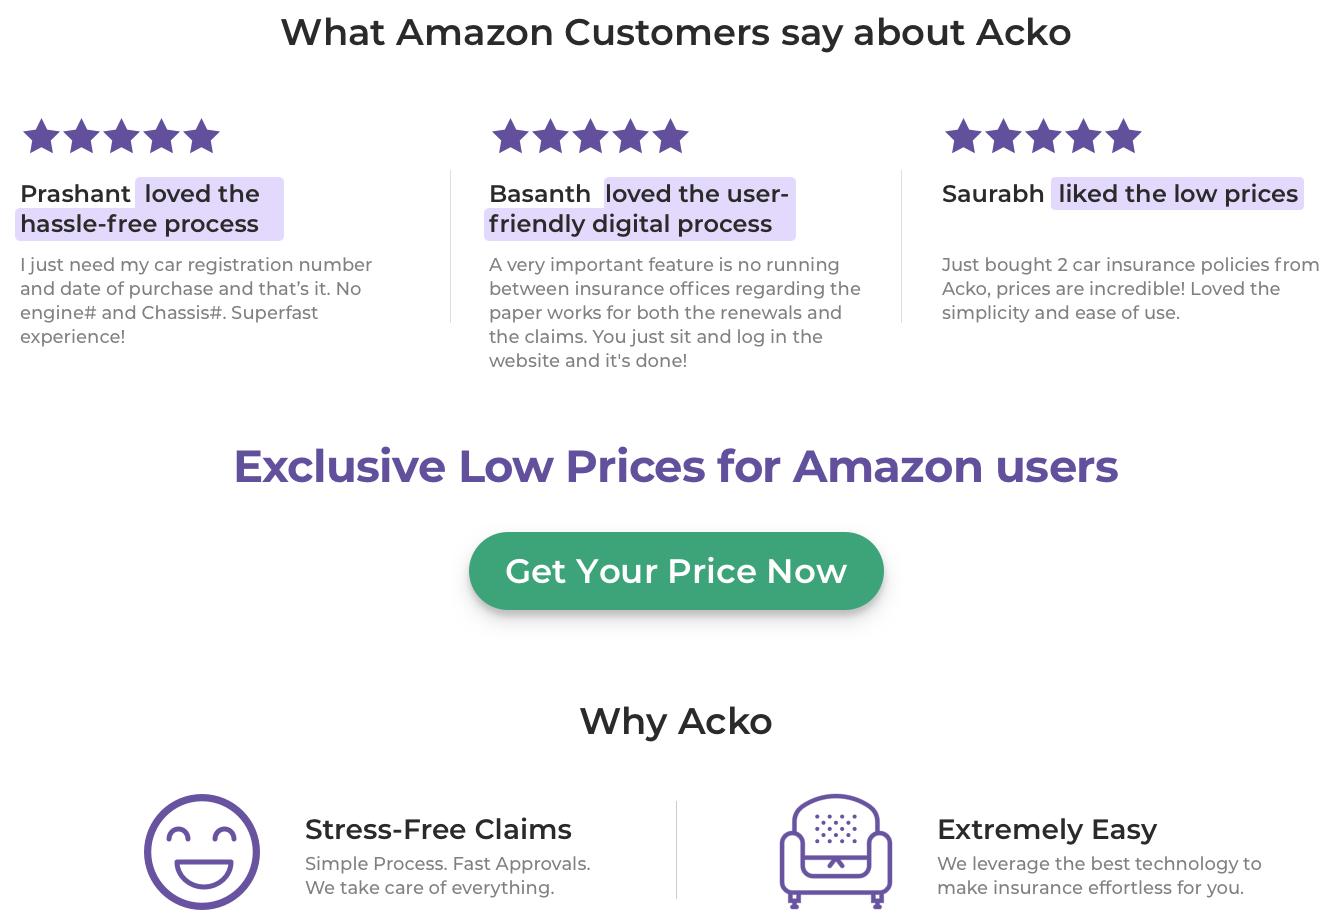 Acko on Amazon